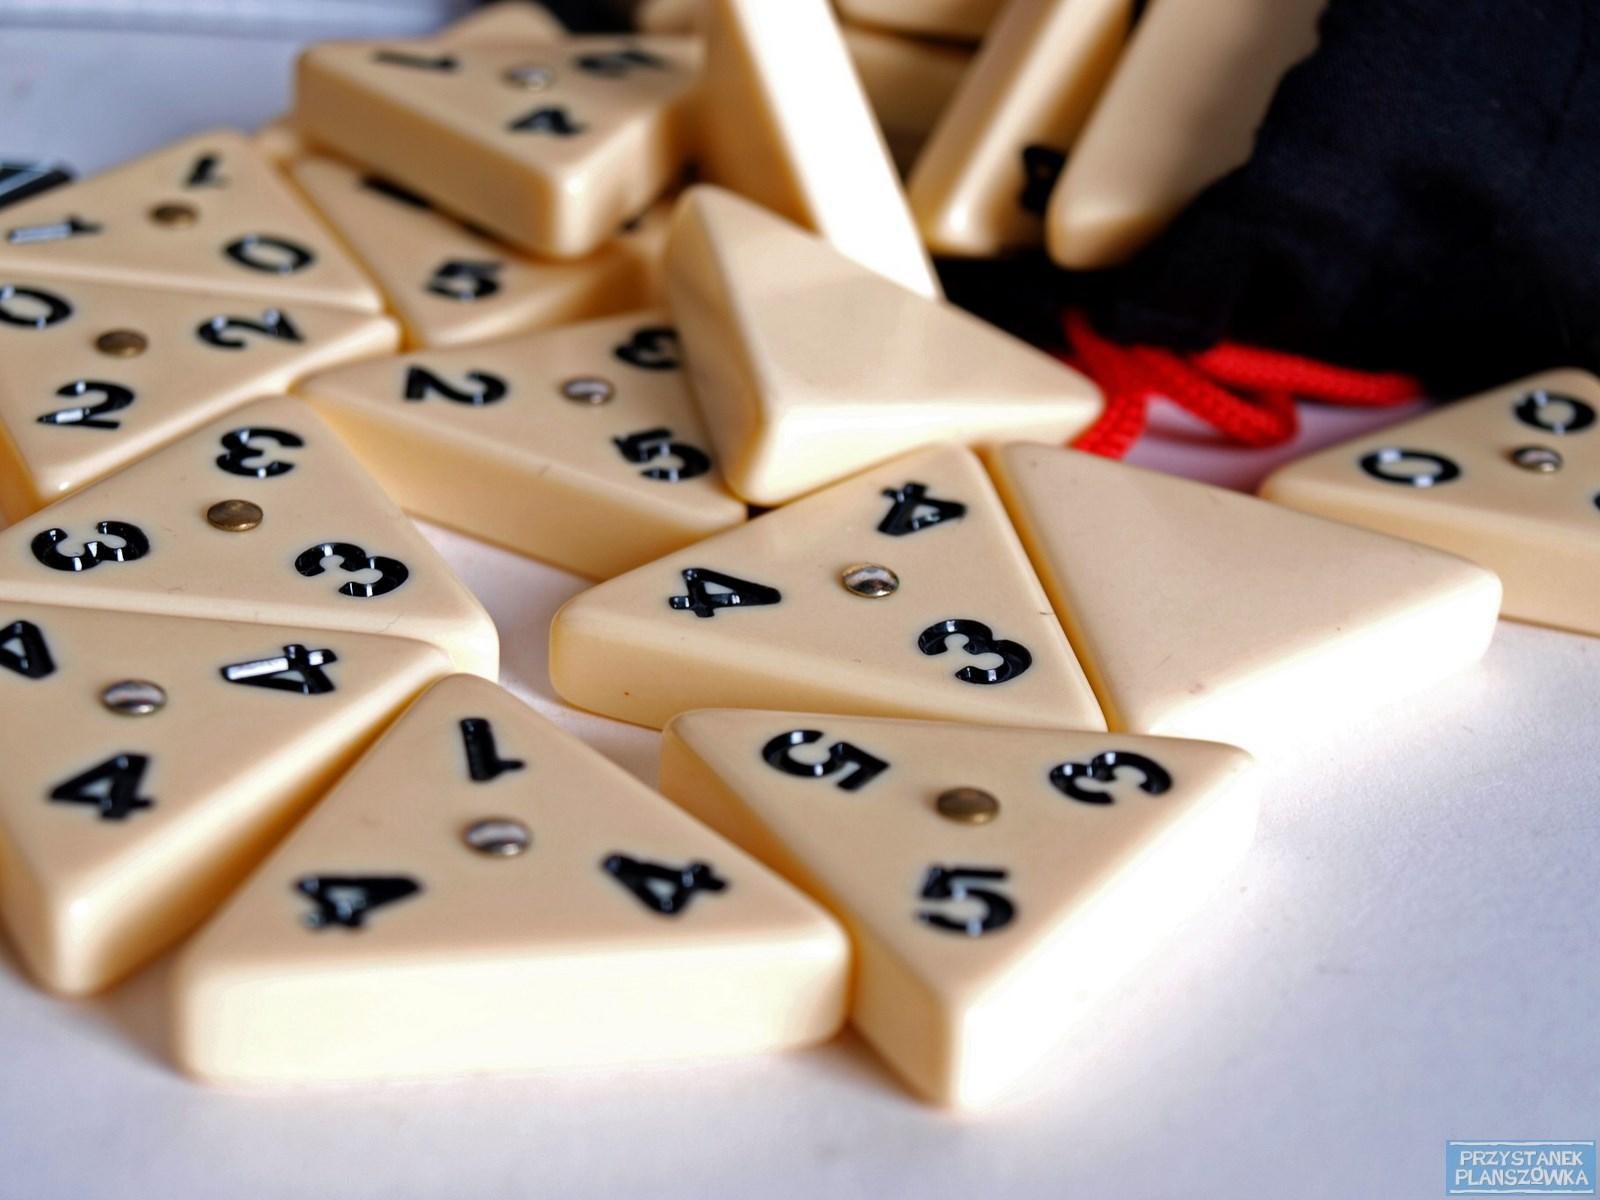 Tripple Domino / fot. Przystanek Planszówka